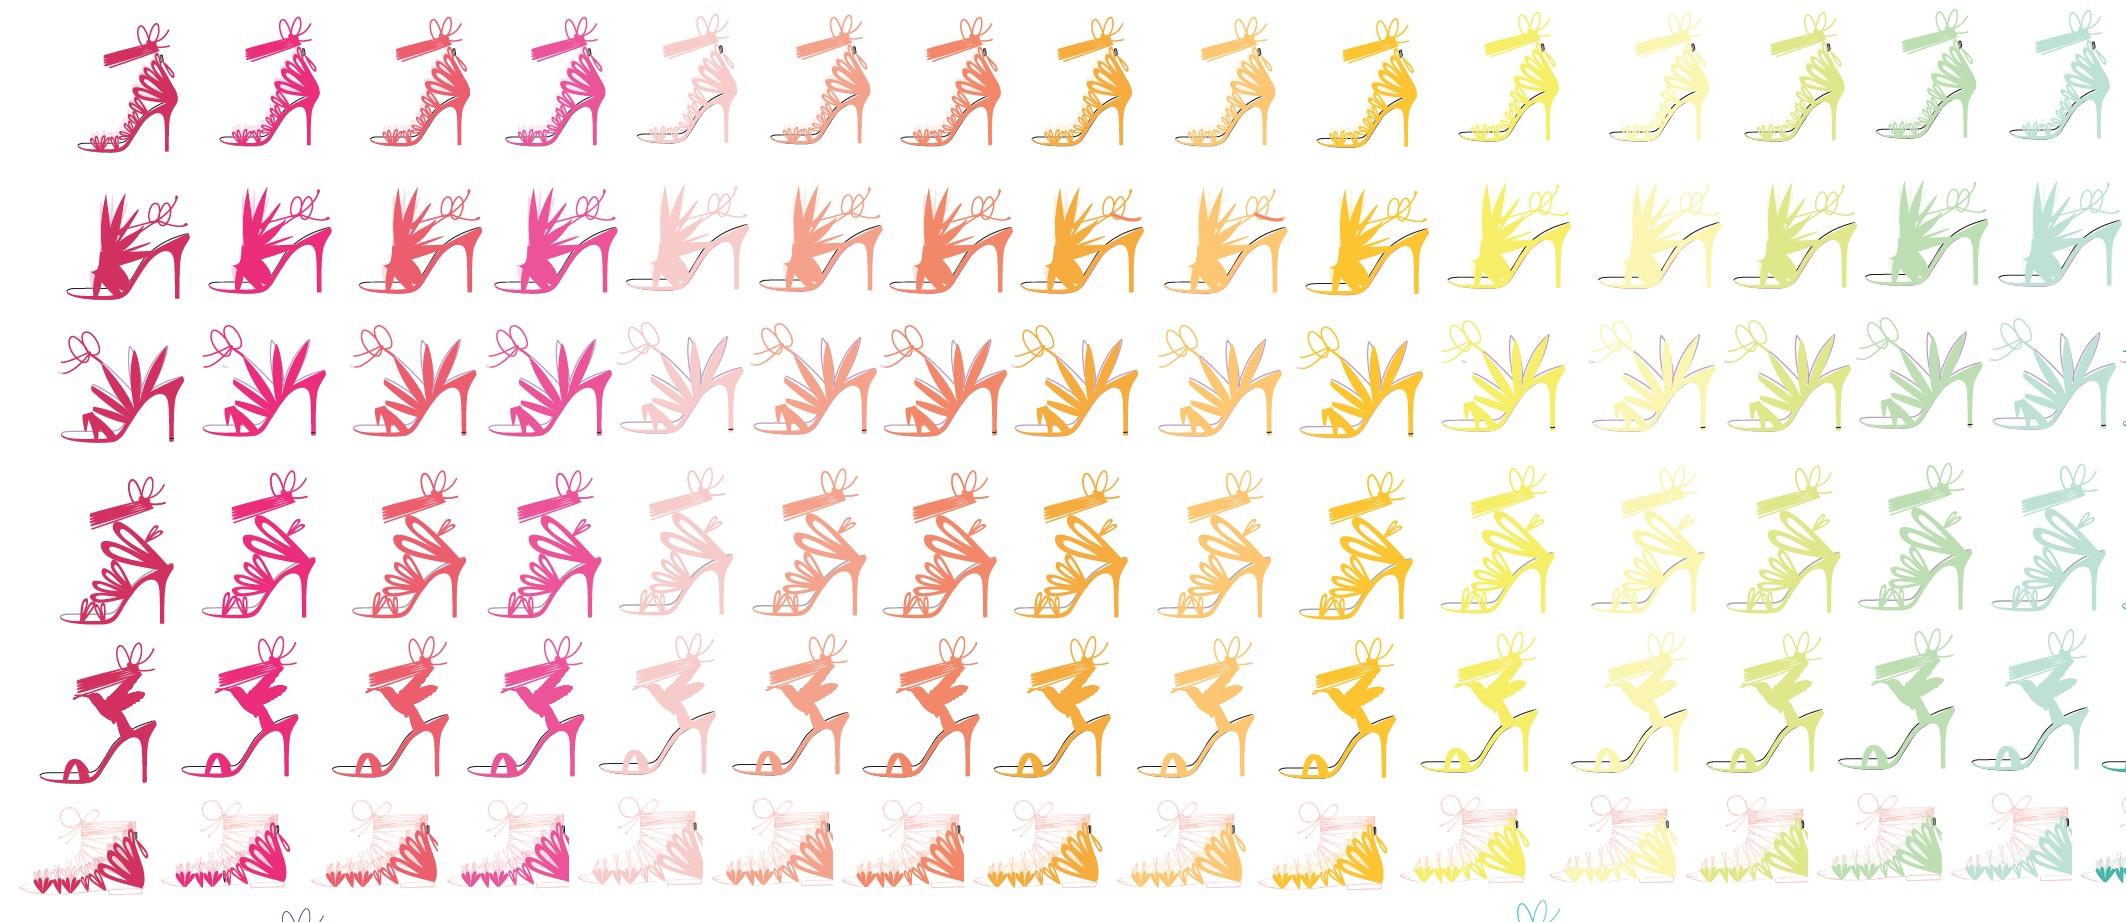 COLOUR SHOES RAINBOW 1.jpg